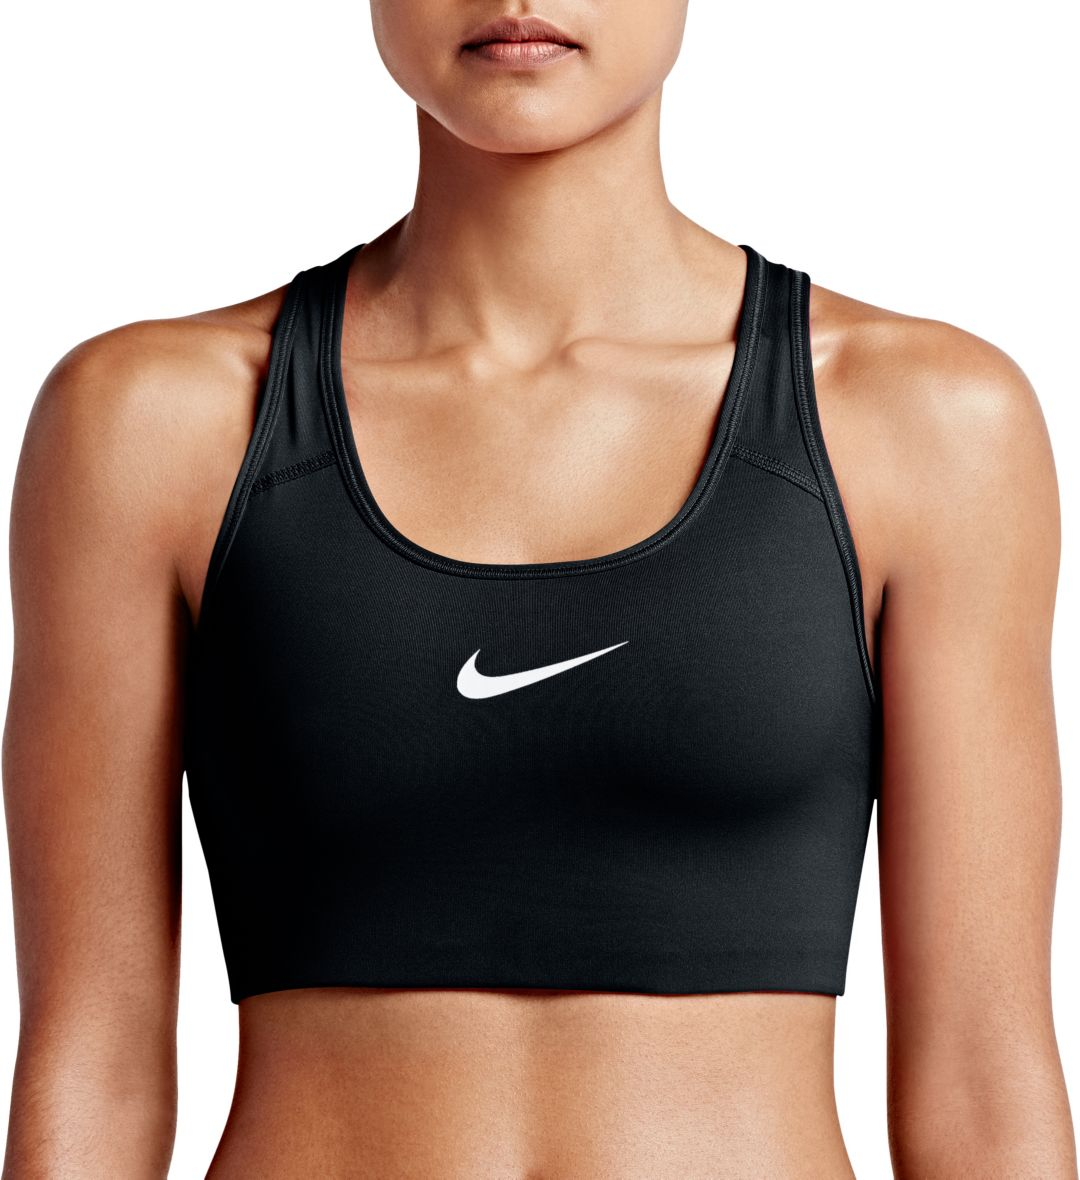 6f05f2062 Nike Women's Pro Classic Swoosh Compression Sports Bra | DICK'S ...